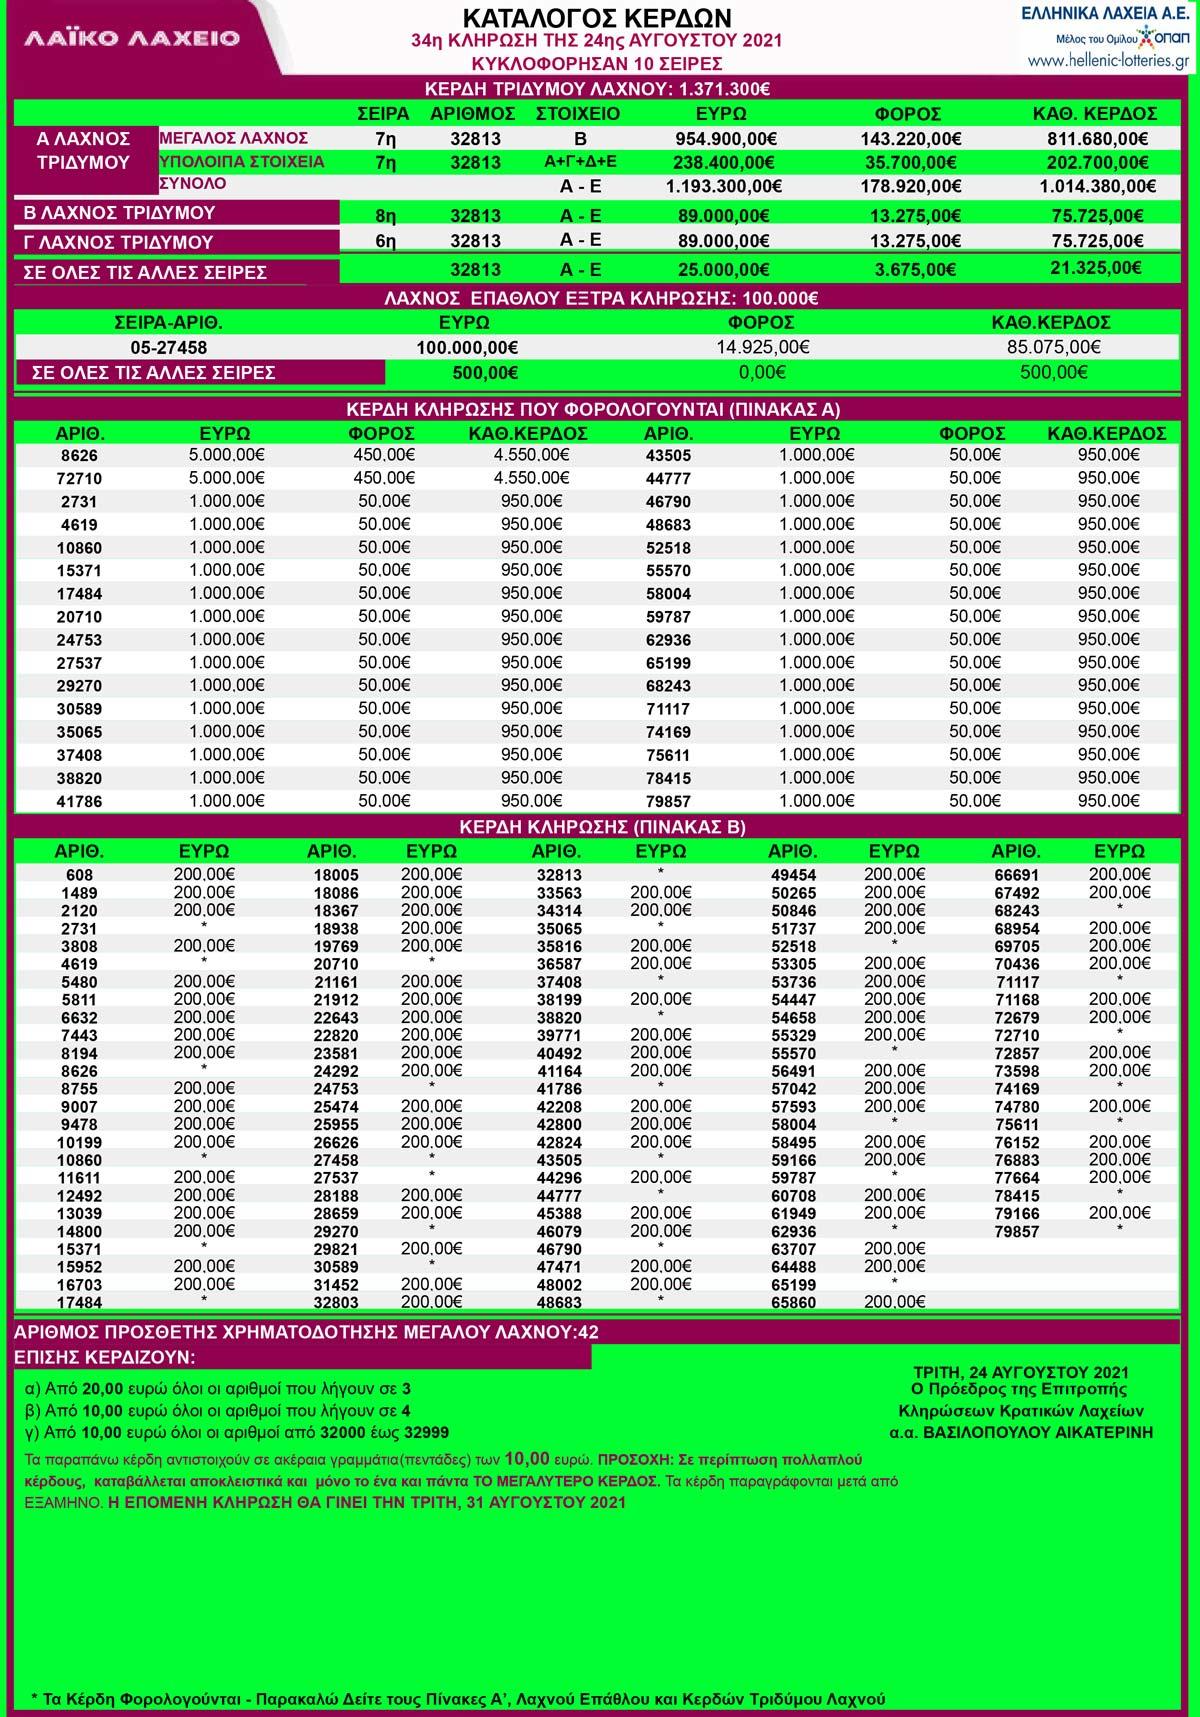 λαικο-λαχειο-24-8-21-αποτελεσματα-λαικου-λαχειου-κληρωση-34-λαικο-24-αυγουστου-2021